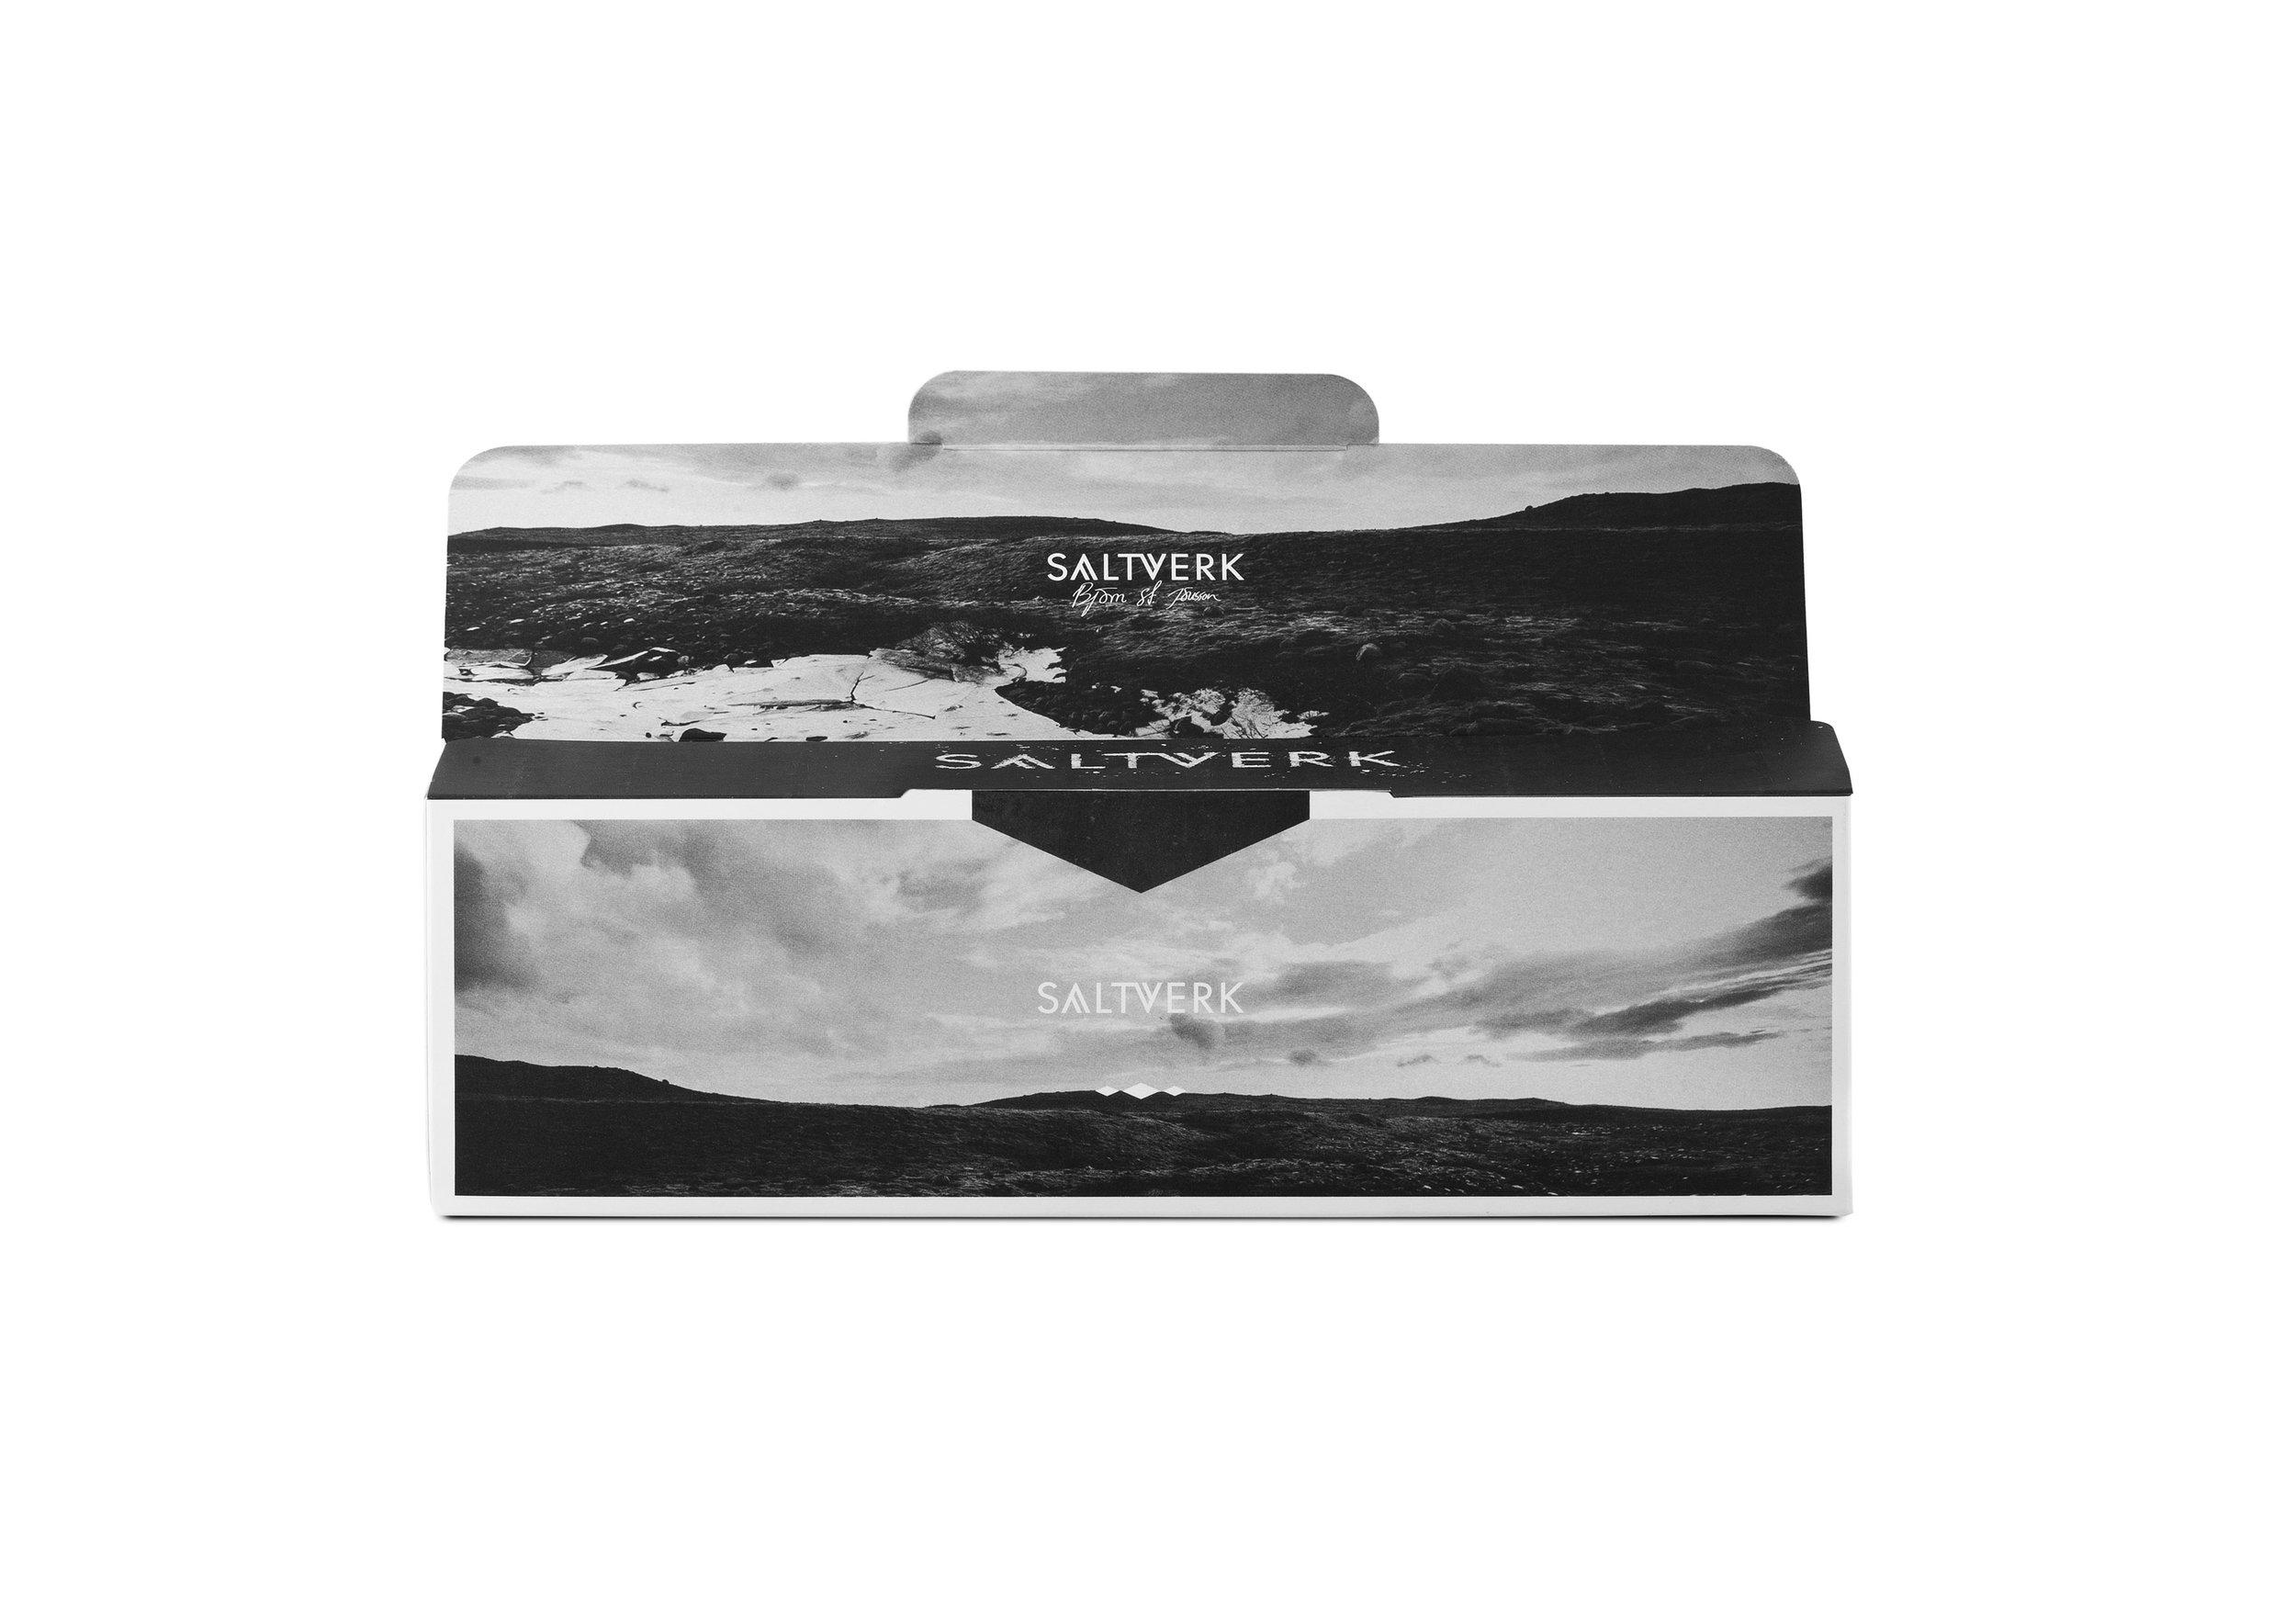 Gift box for 4 salt jars - 44.99$